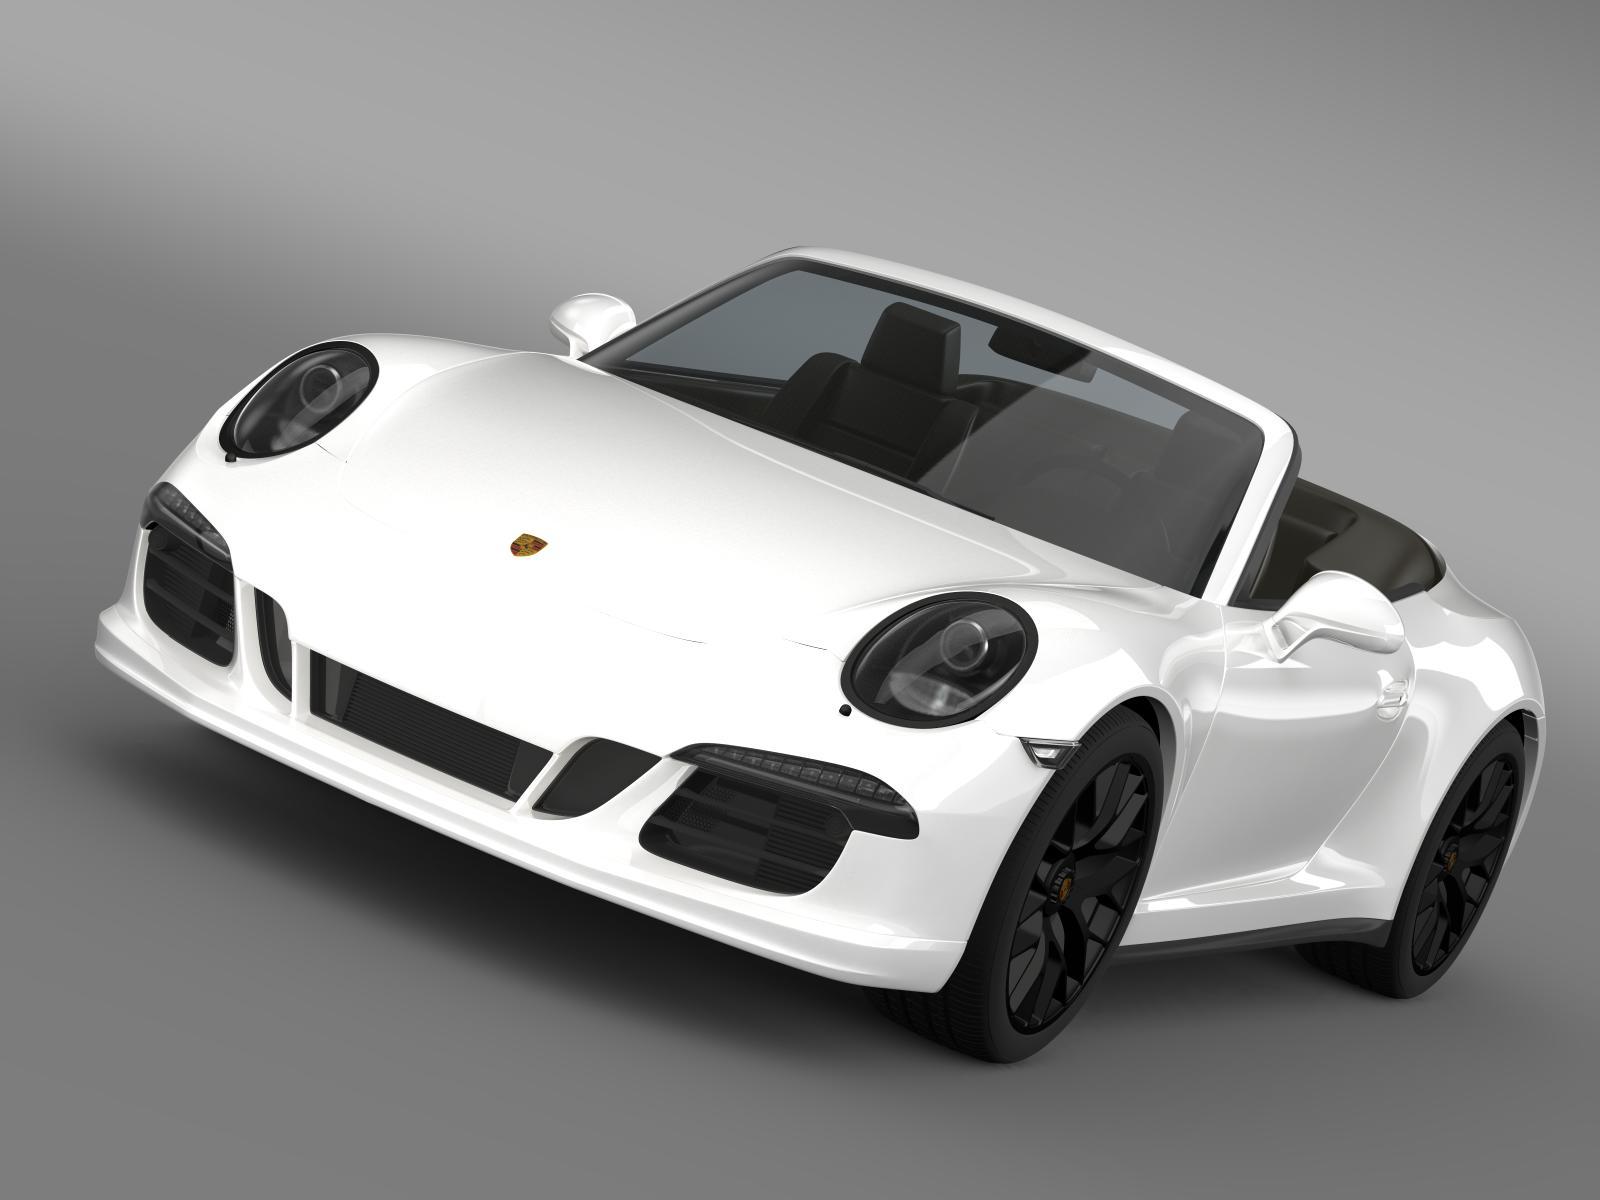 porsche 911 carrera gts cabriolet 991 2015 3d model 3ds max fbx c4d lwo ma mb hrc xsi obj 164786